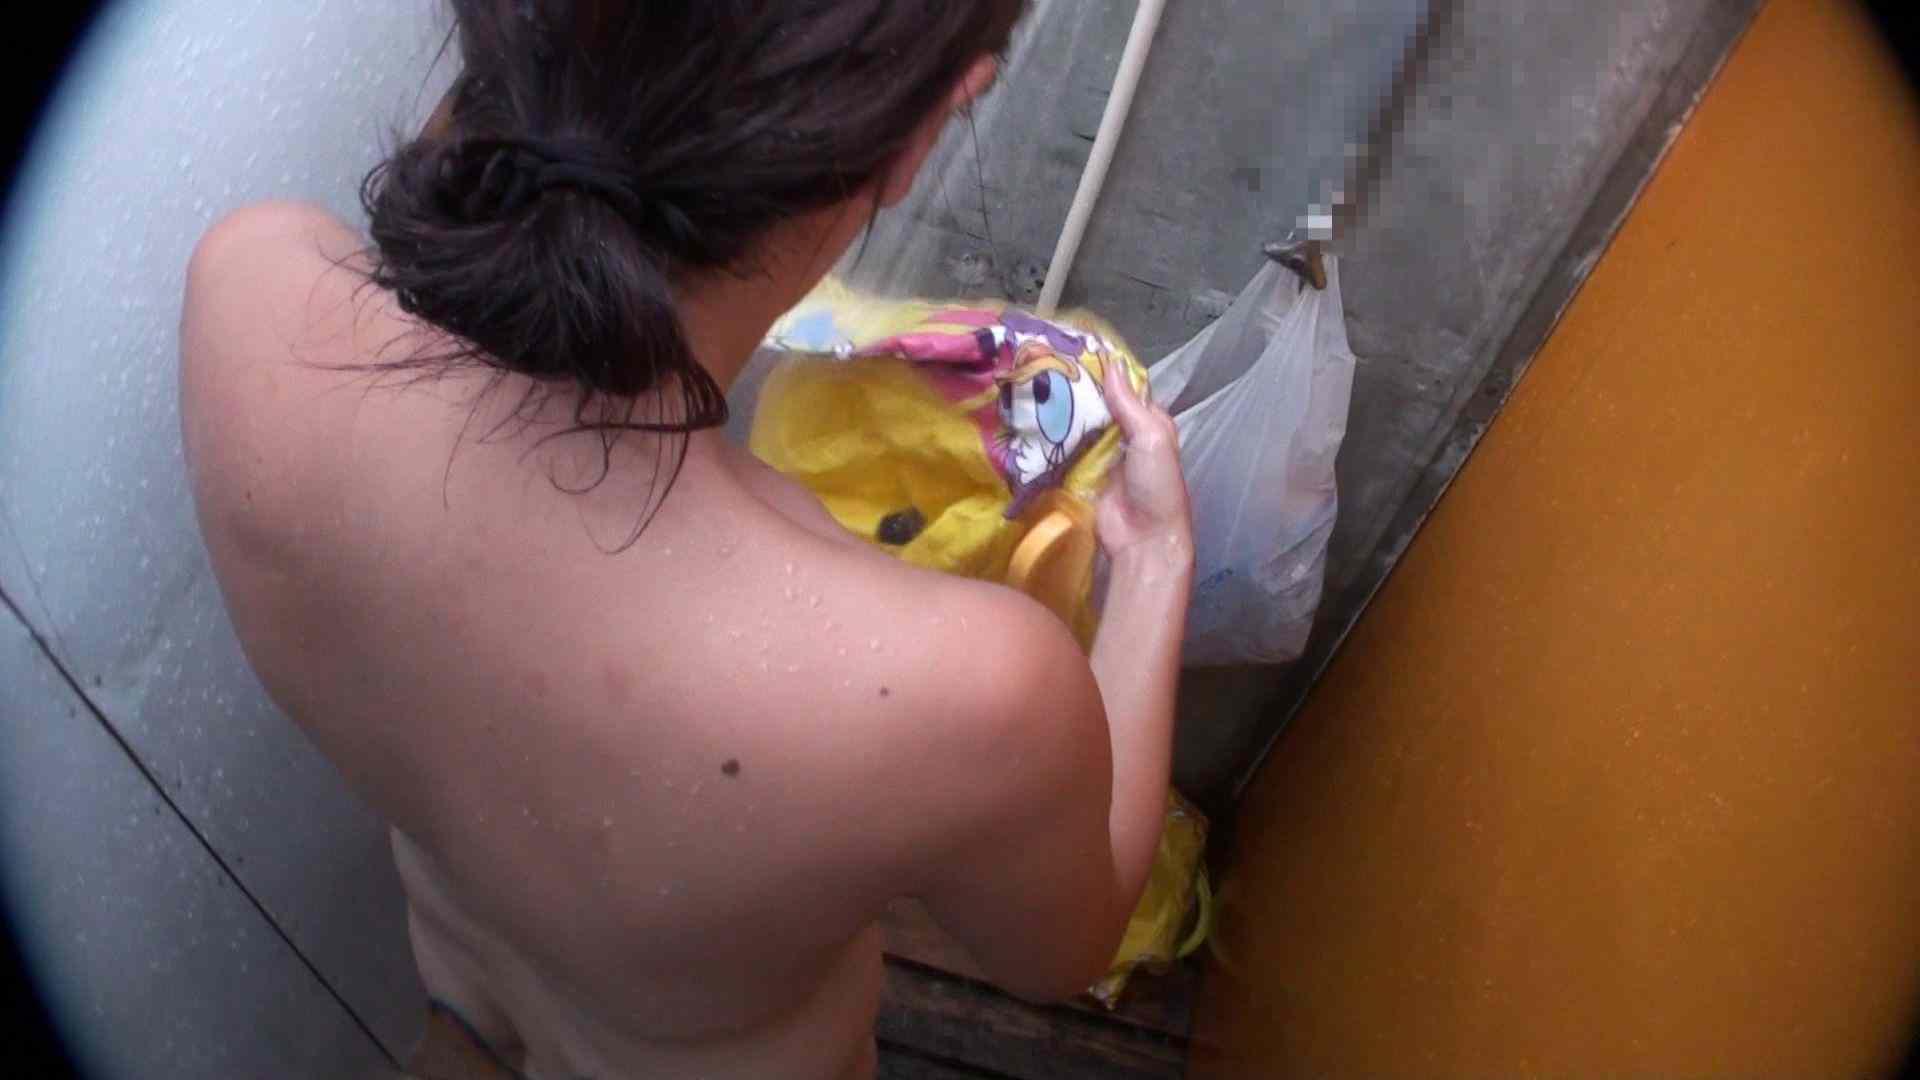 ハイビジョンシャワールームは超!!危険な香りVol.31 清楚なママのパンツはティーバック 脱衣所の着替え   エロティックなOL  103画像 49